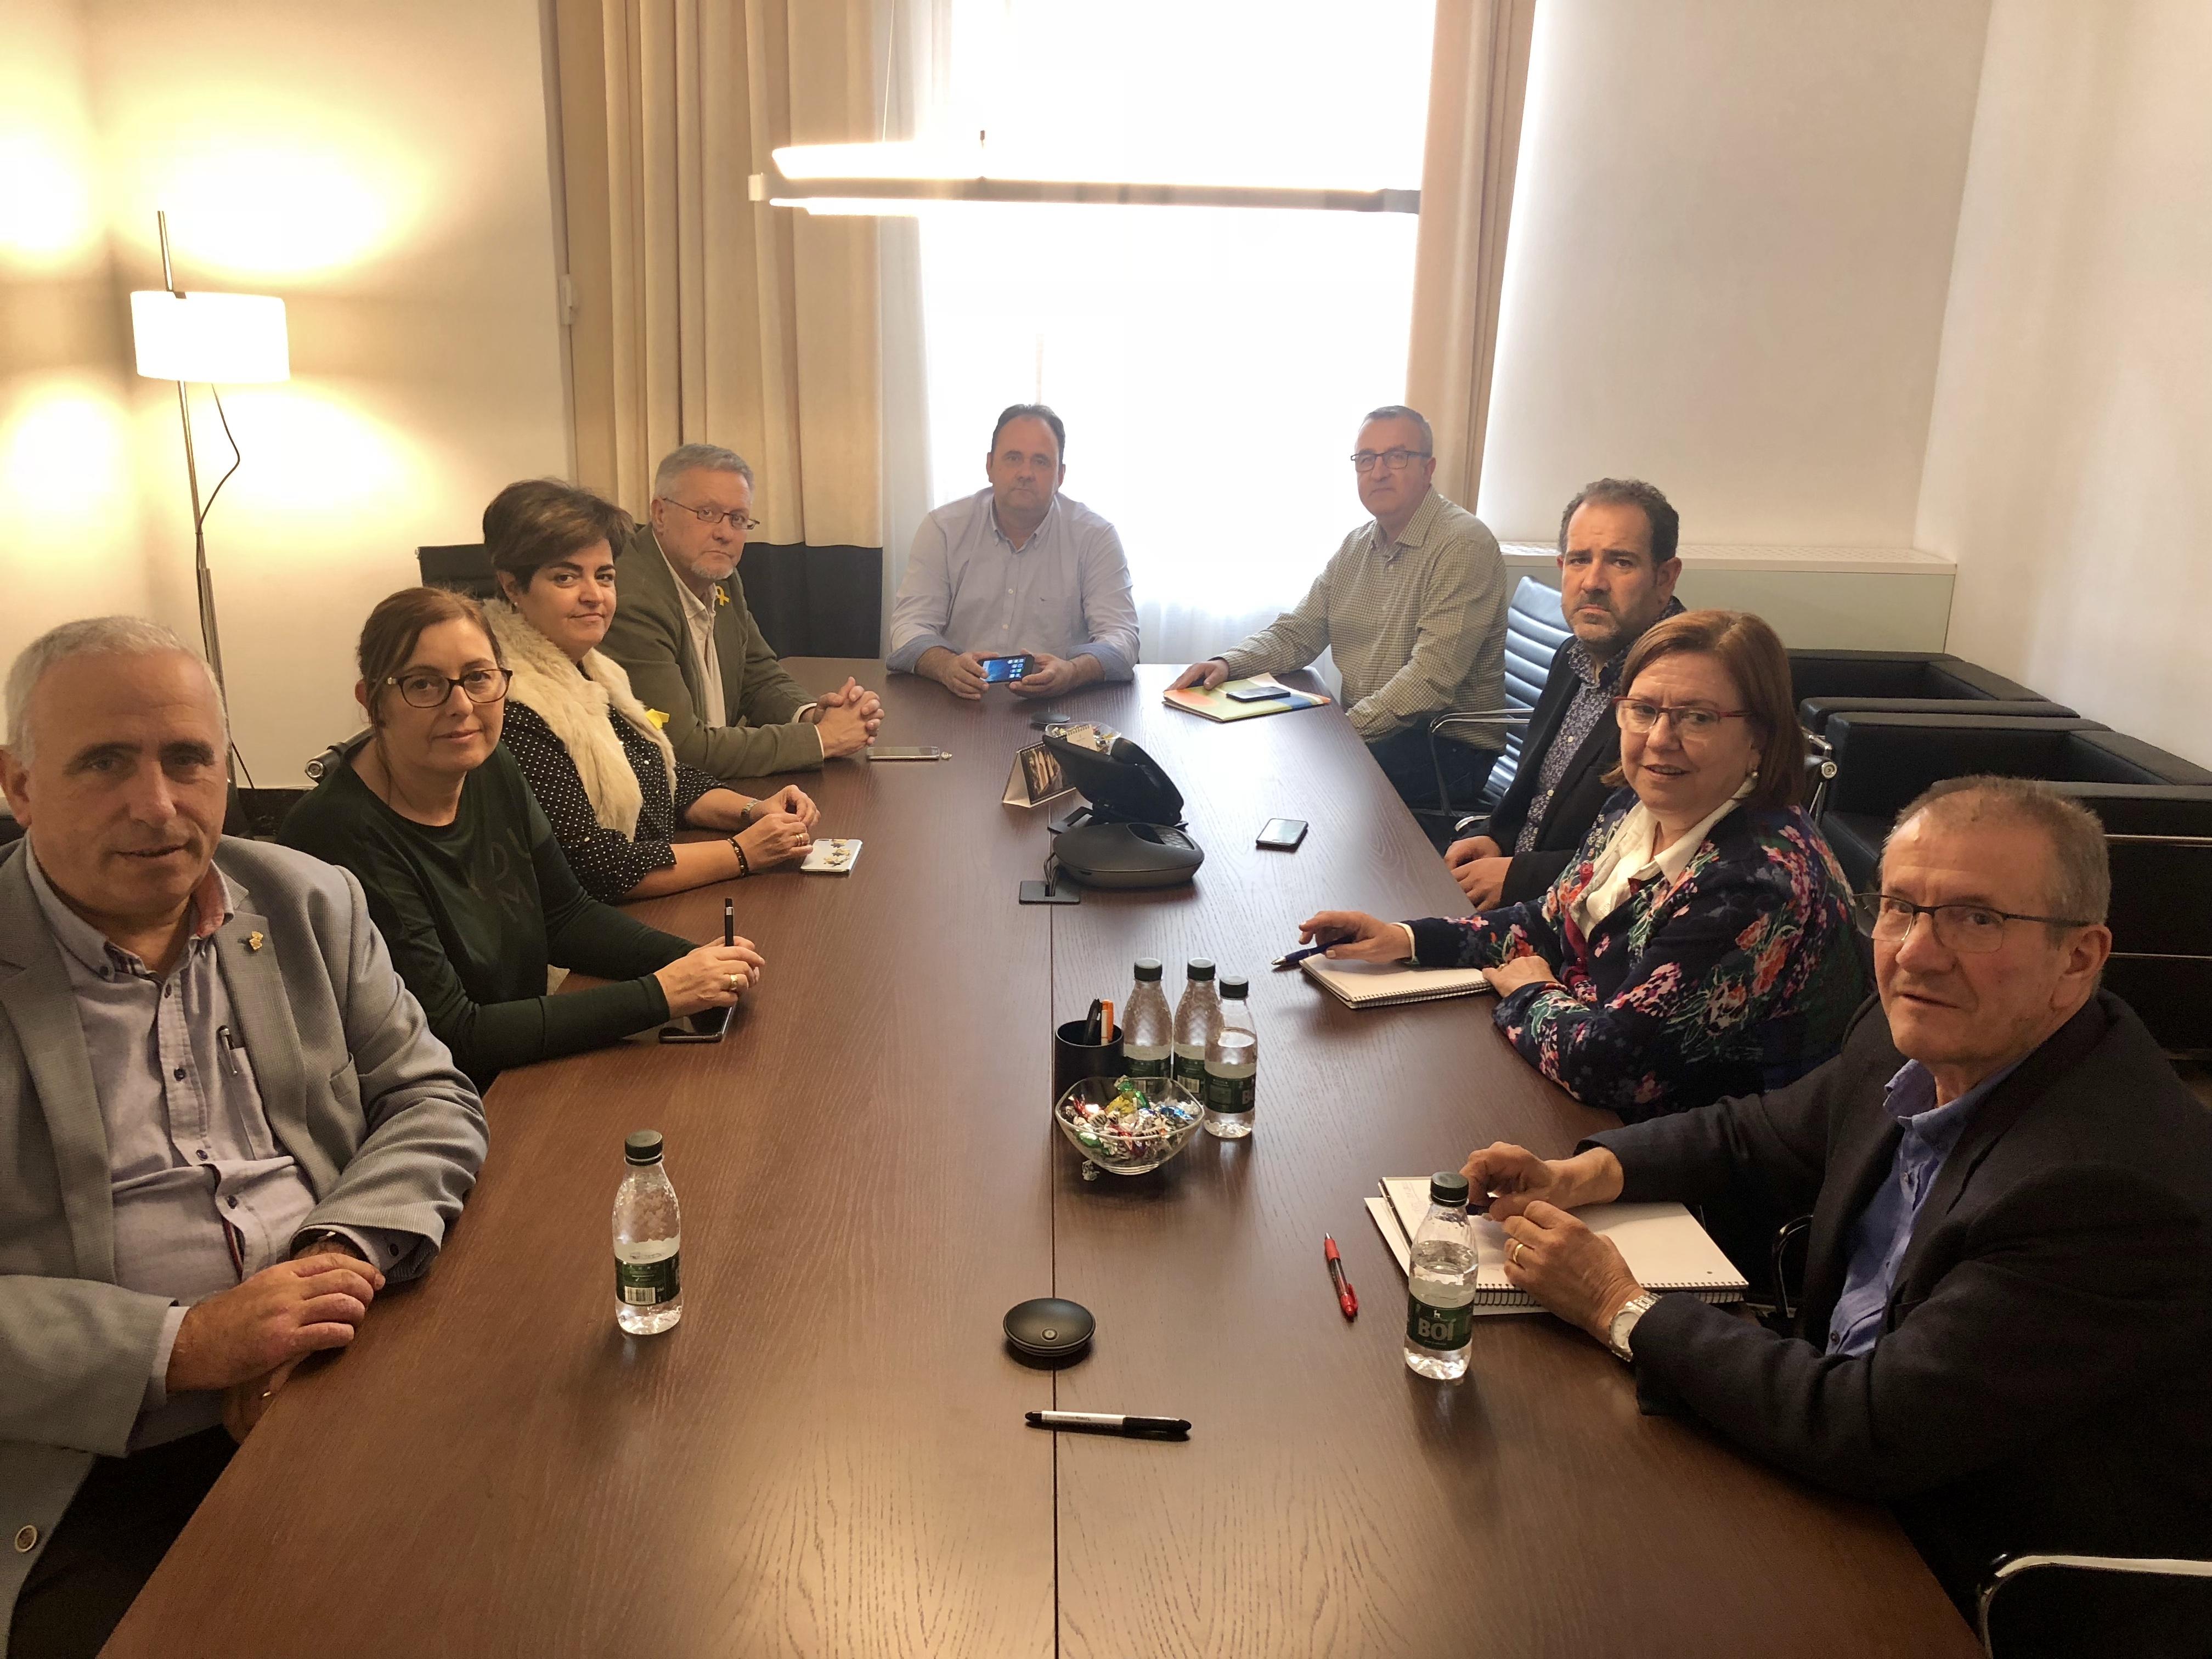 Perelló ofereix col·laboració als consells comarcals de la plana perquè puguin presentar una proposta conjunta al nou FEDER